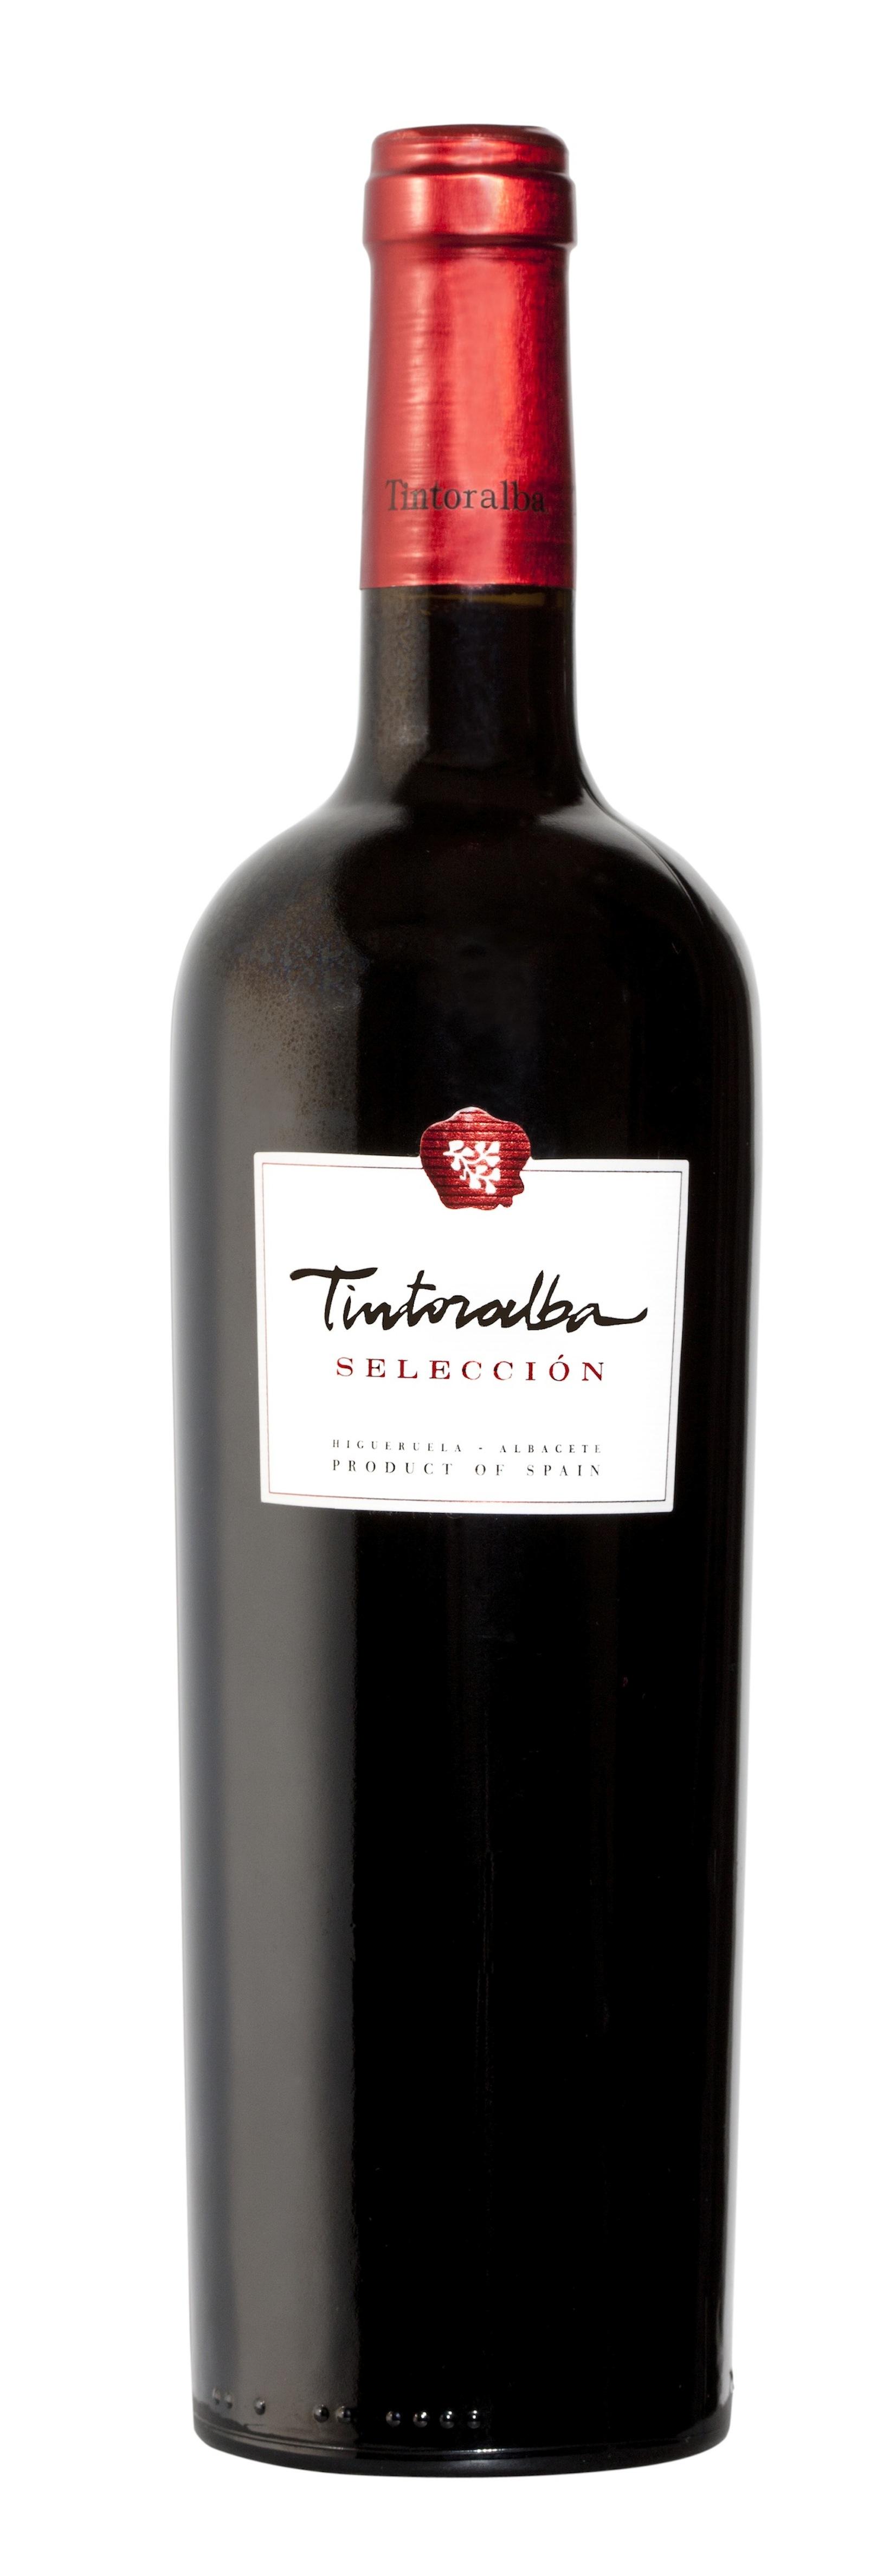 TINTORALBA TC SELECCION 2015 · Garnacha Tintorera & Syrah